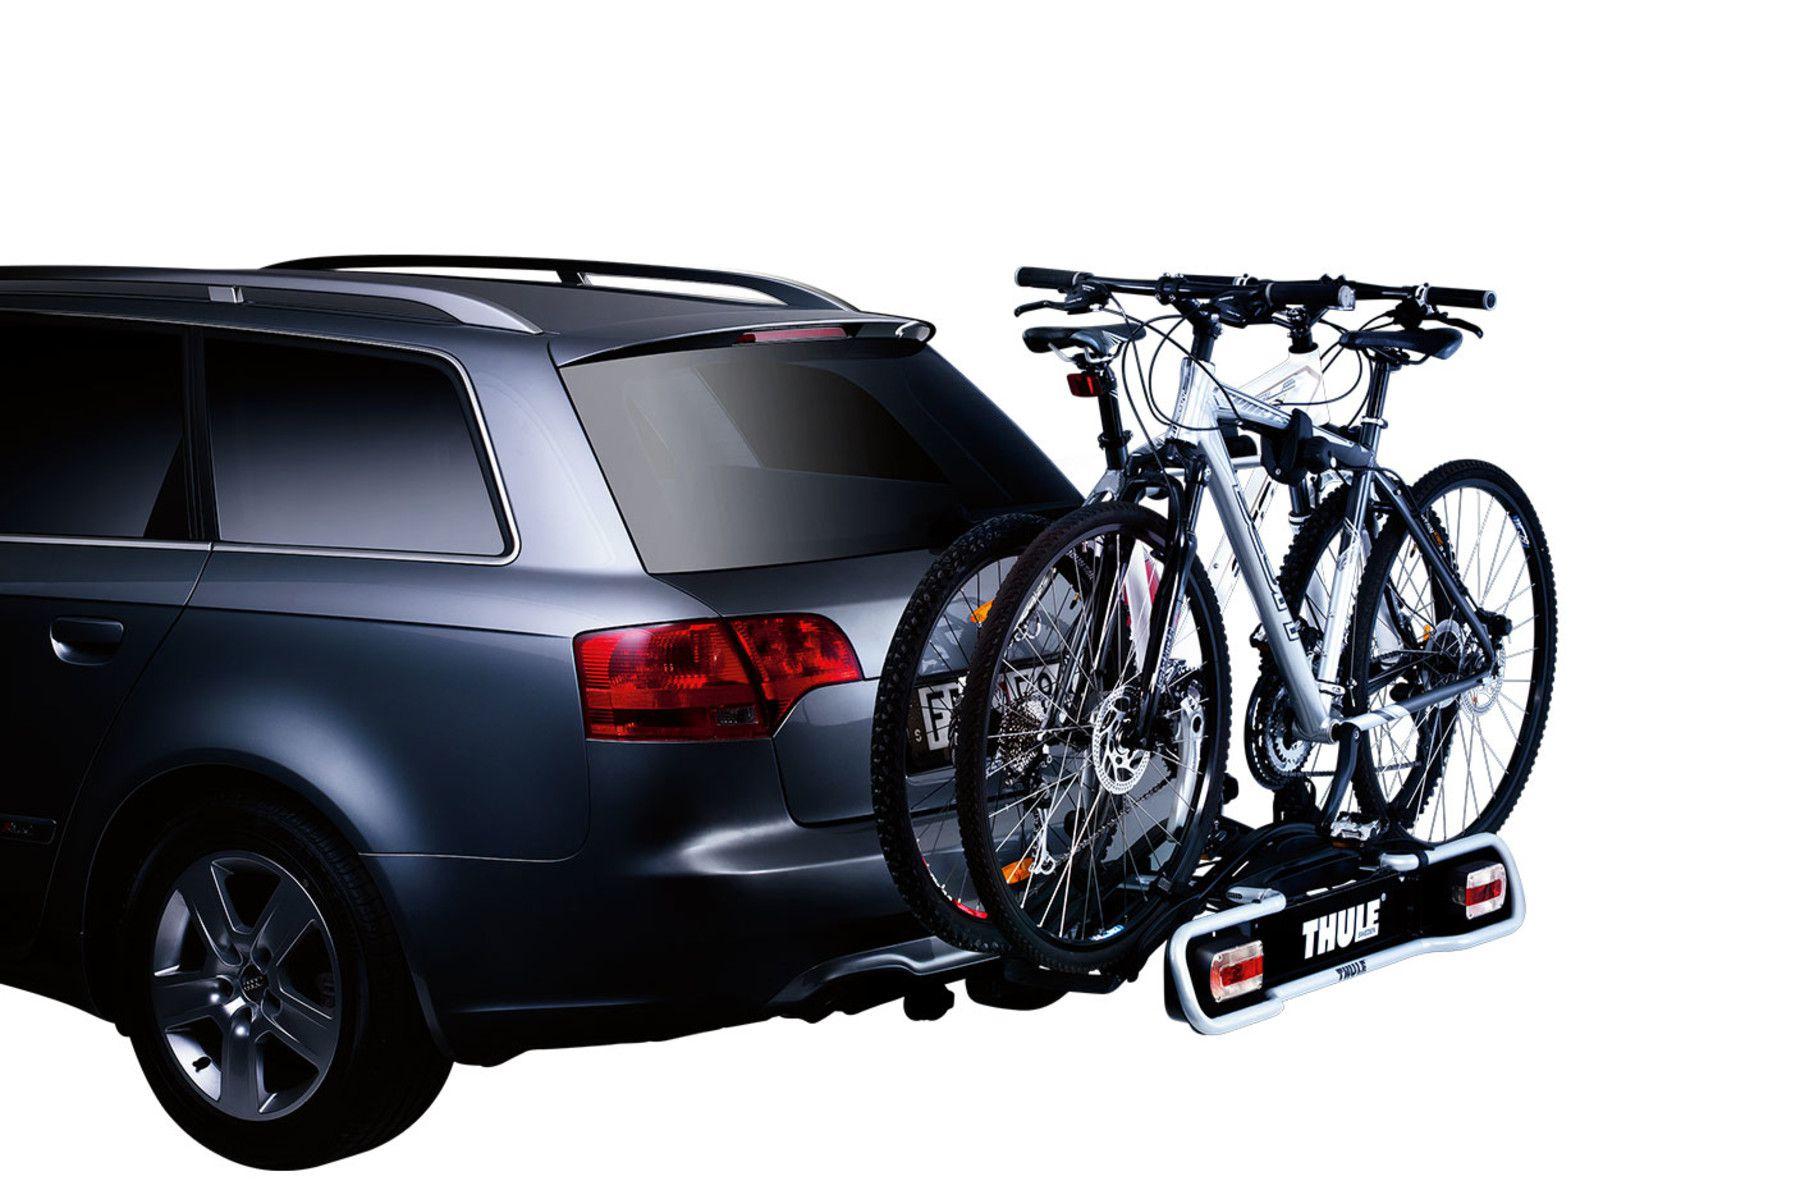 Suporte de Engate para Bicicleta Thule EuroRide 2 Bicicletas